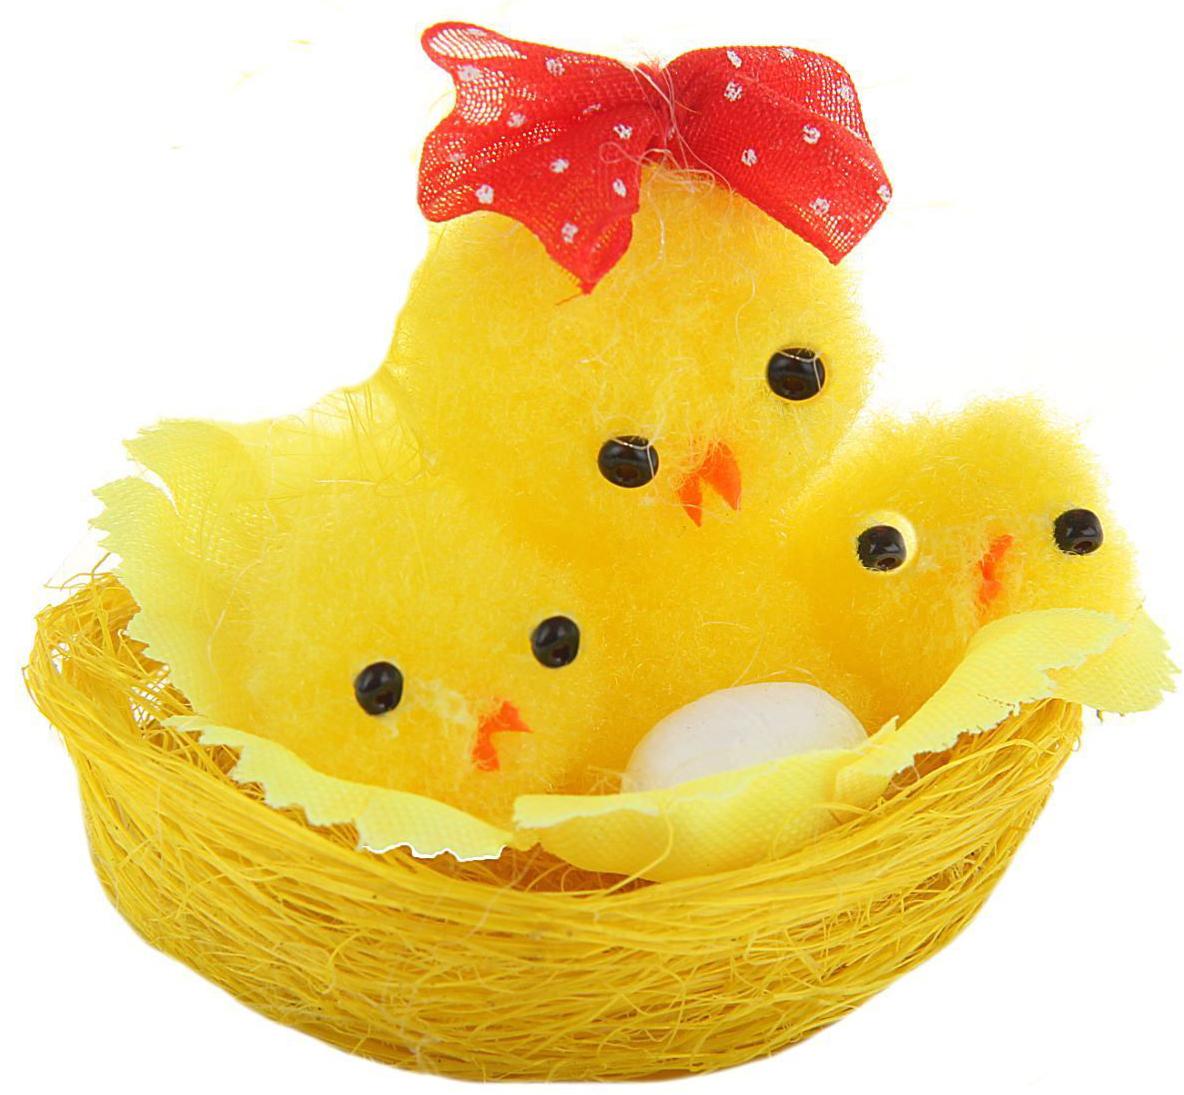 Сувенир пасхальный Sima-land Цыпа с цыплятами и яйцом в корзинке, 5 х 5 х 4 см сувенир пасхальный sima land яйцо горошек 4 х 4 х 6 см 6 шт